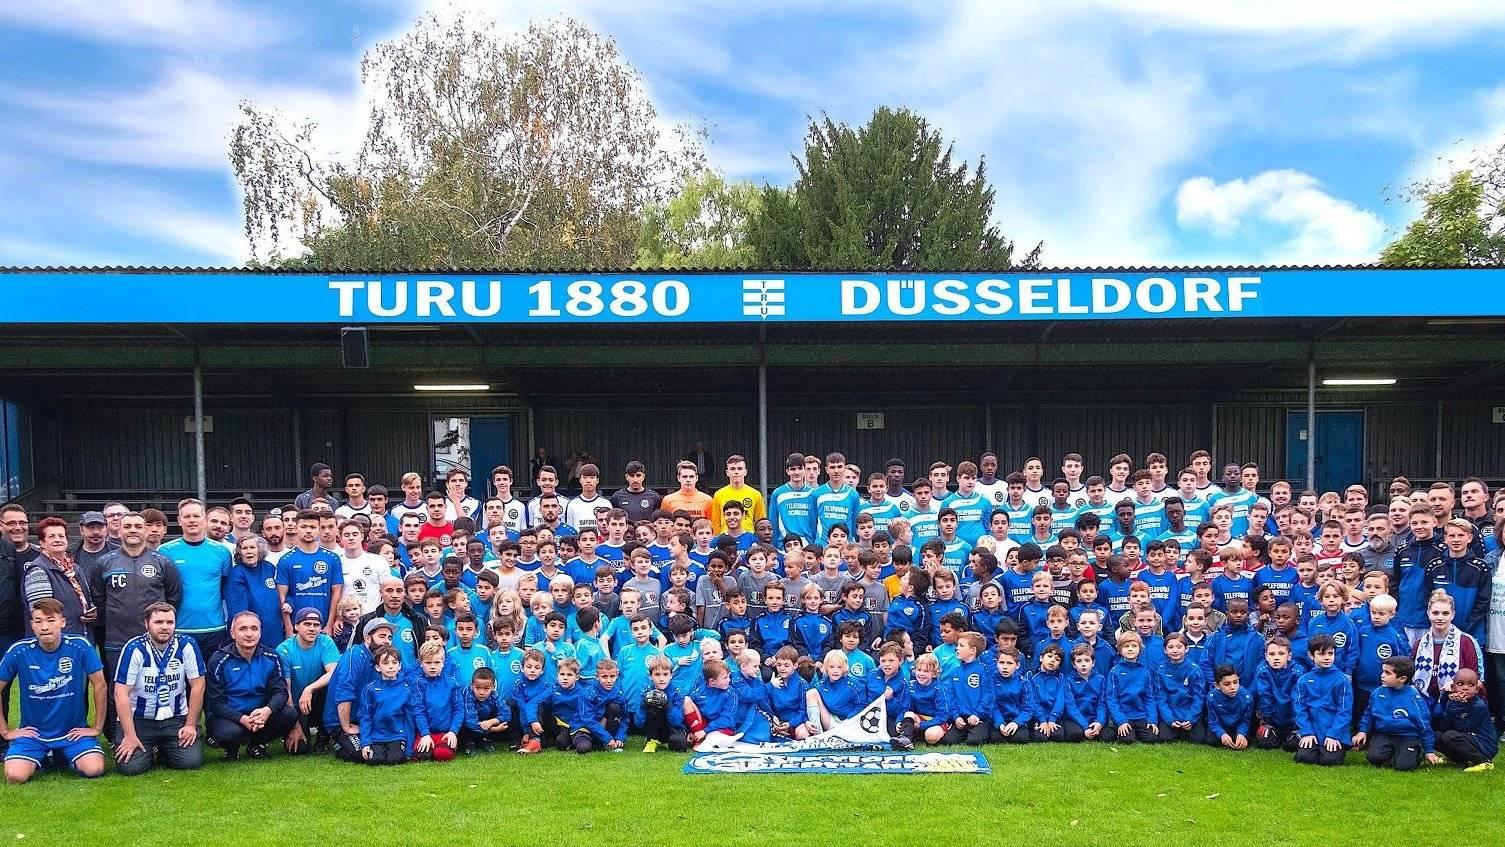 Fußballverein Düsseldorf